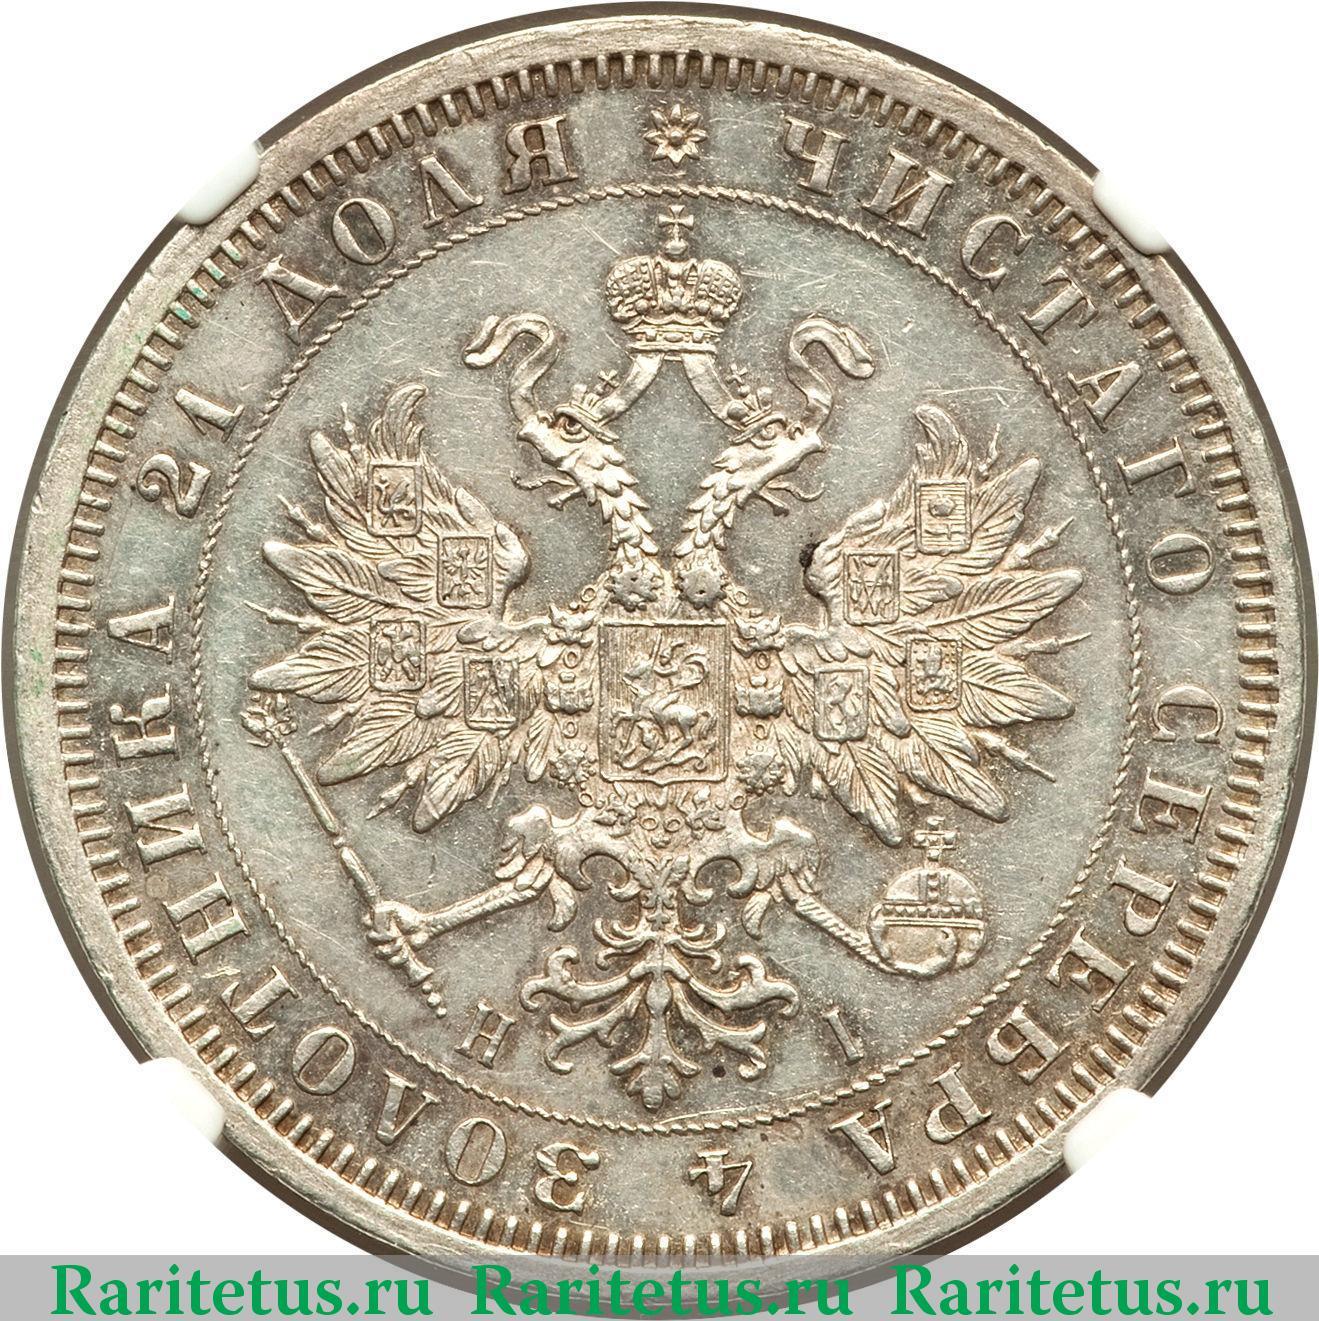 Сколько стоит монета 1867 года размер пятитысячной купюры в см